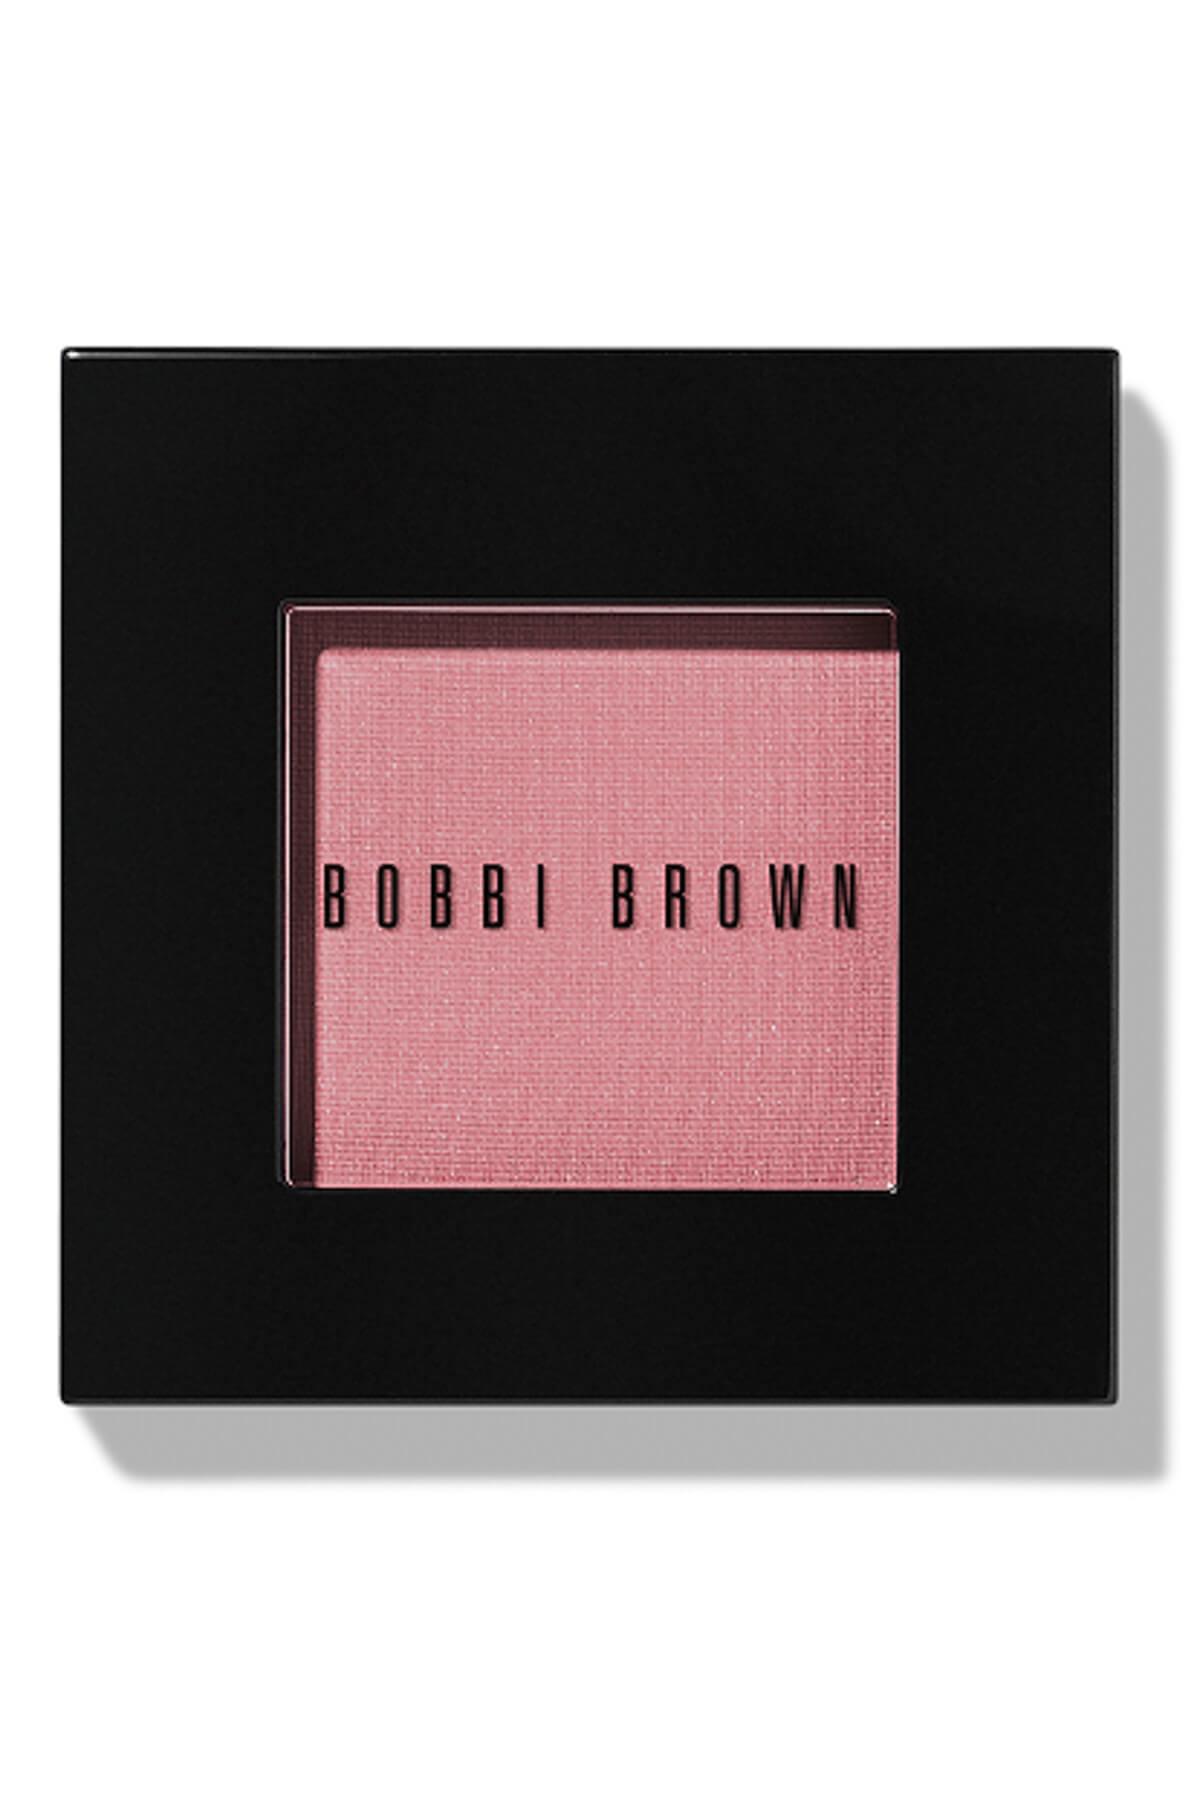 BOBBI BROWN Allık - Blush Sand Pink 3.7 g 716170059587 1